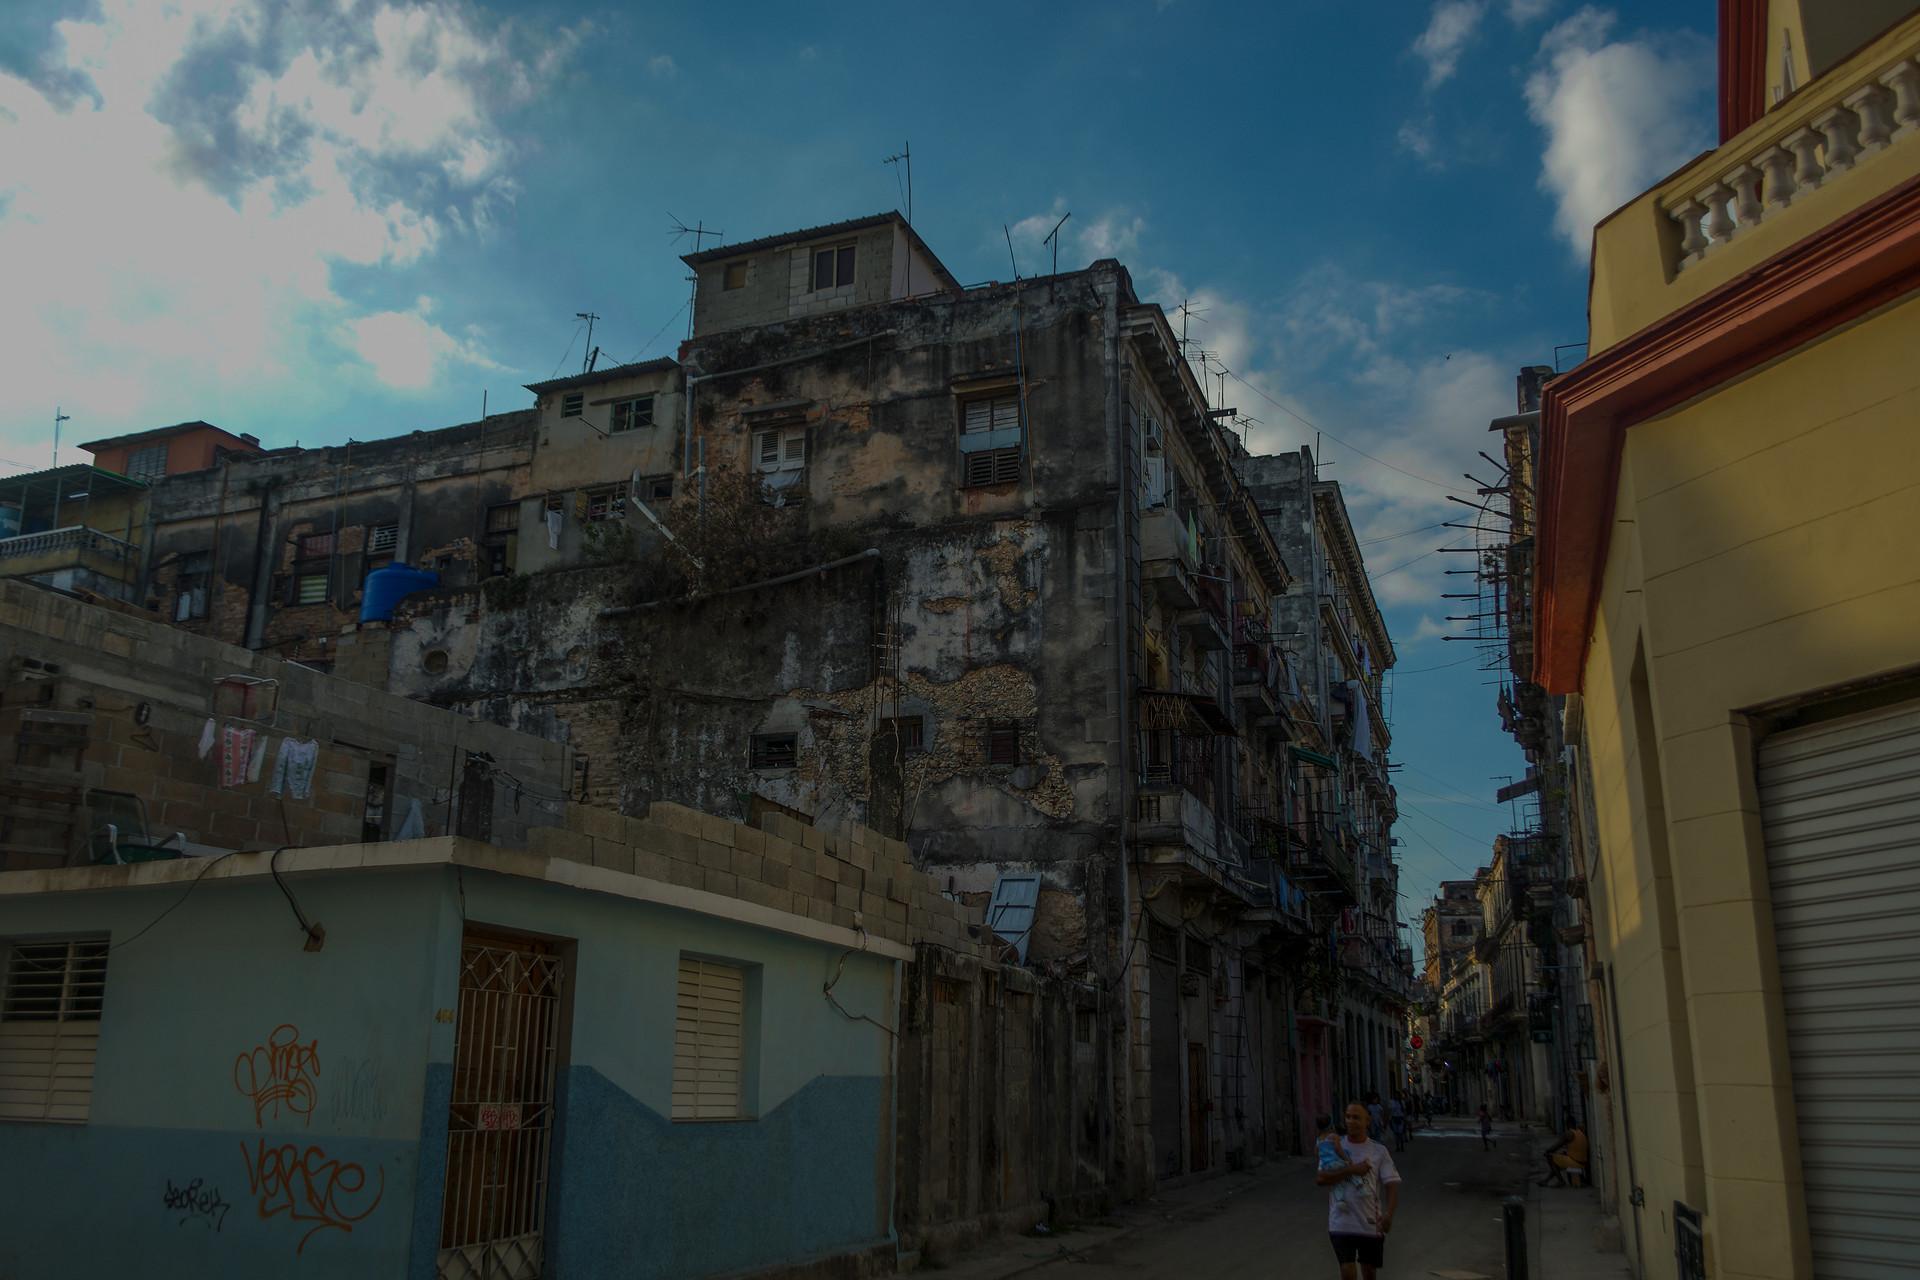 HAVANA CUBA 2019-11.jpg